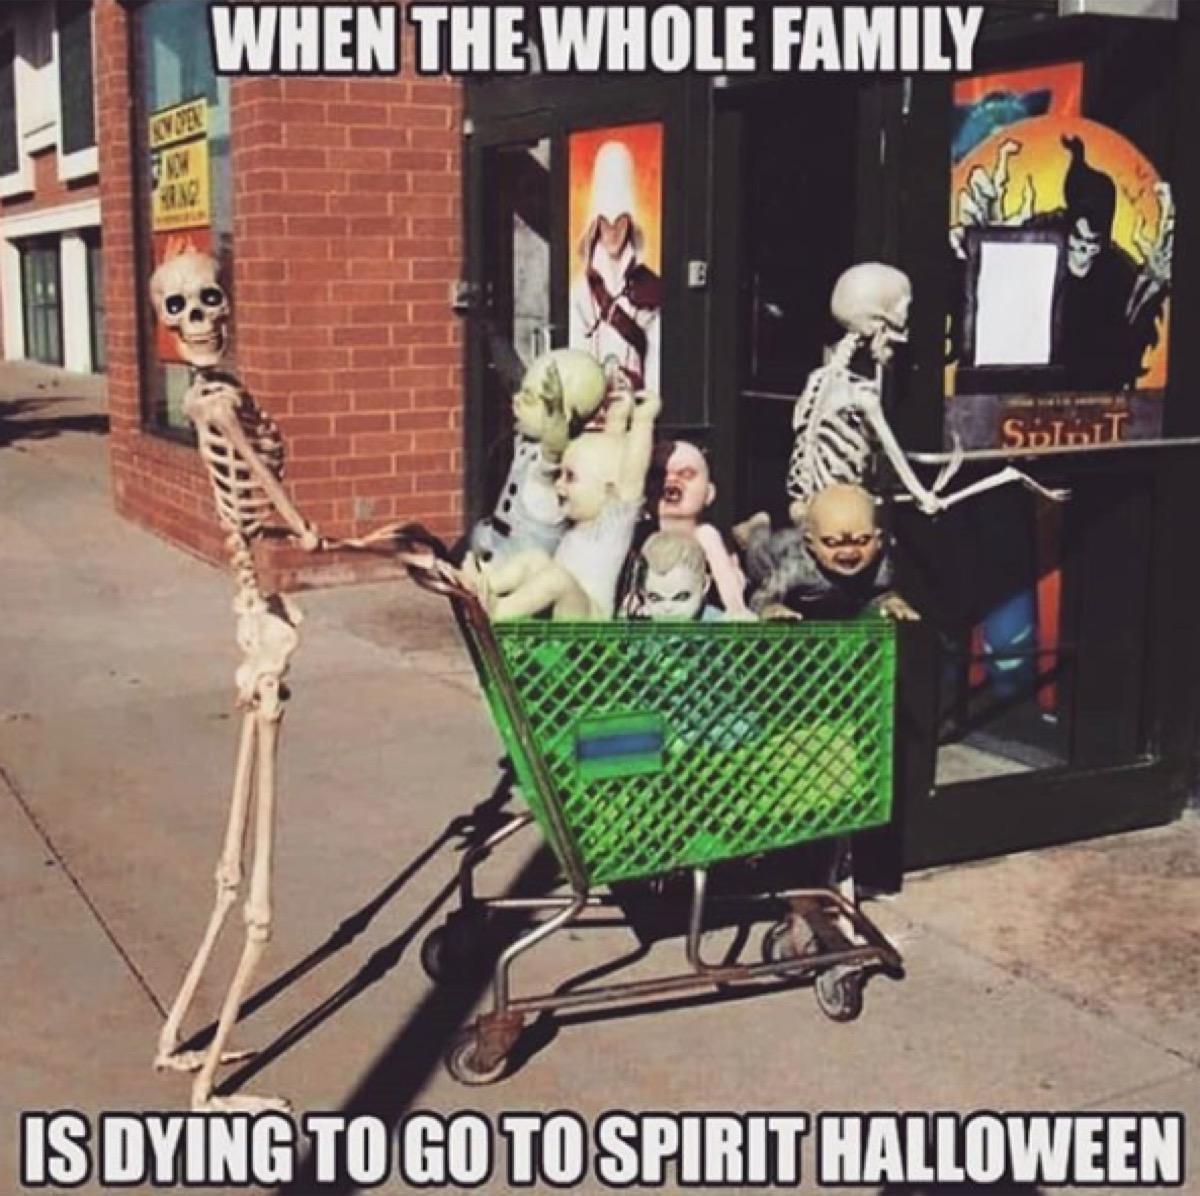 funny halloween meme skeletons shopping